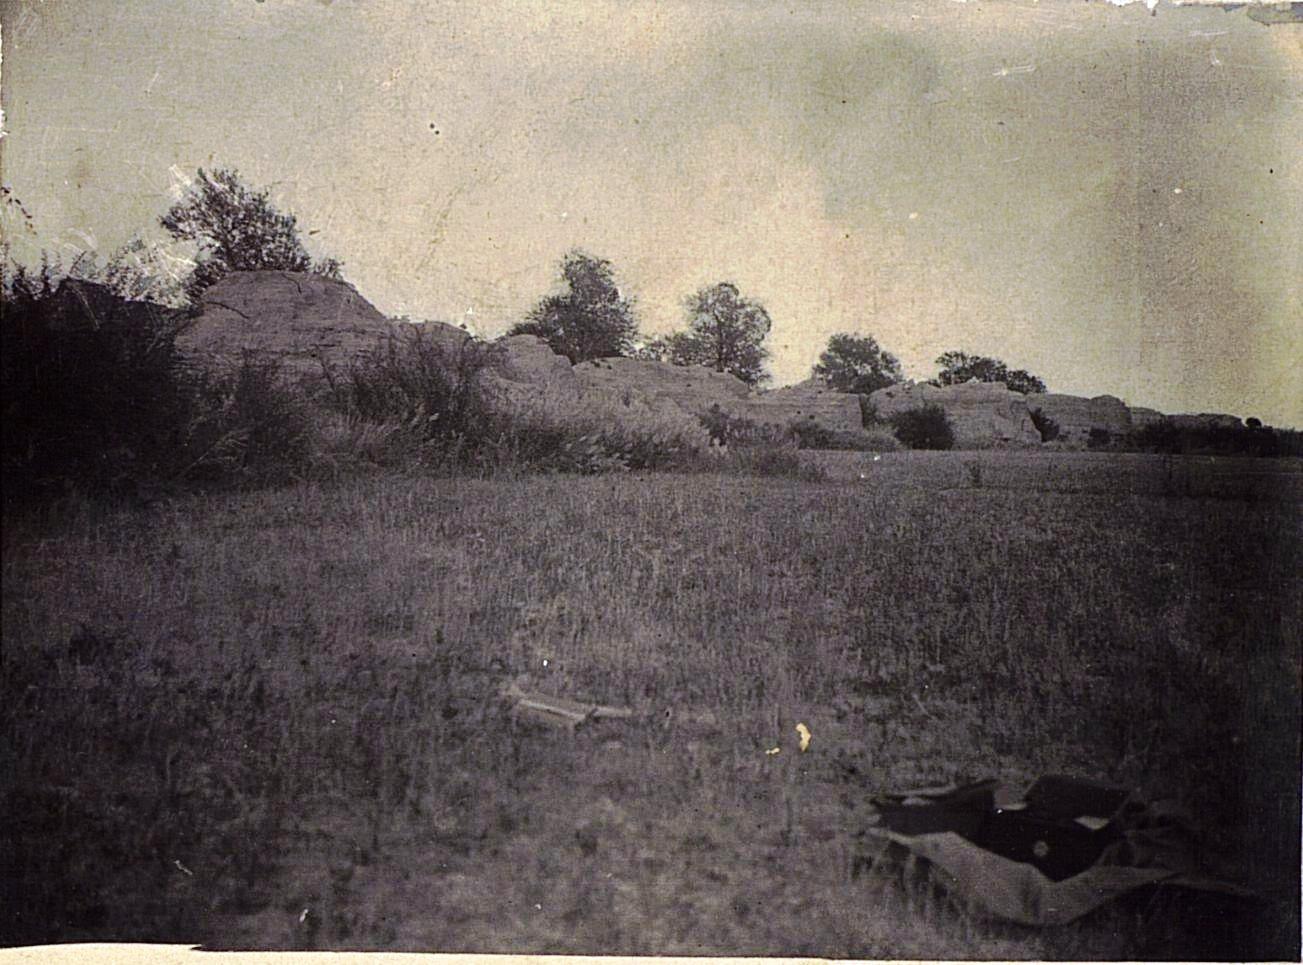 04. Общий вид развалин древней столицы Уйгурии Бишбалыка